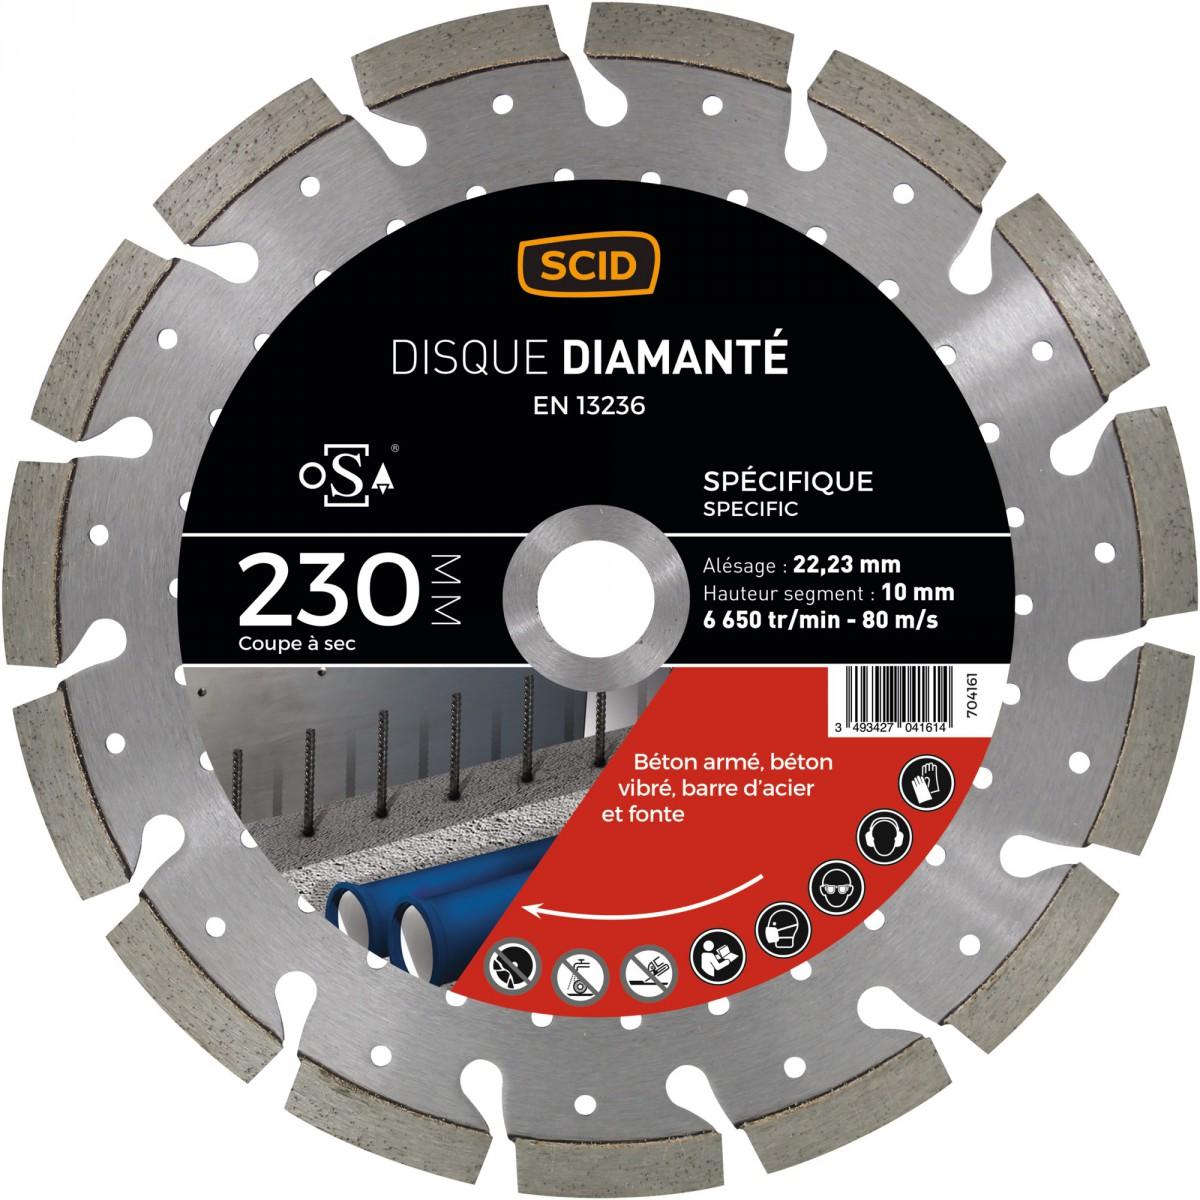 Disque diamanté ventillé béton métal SCID - Diamètre 230 mm